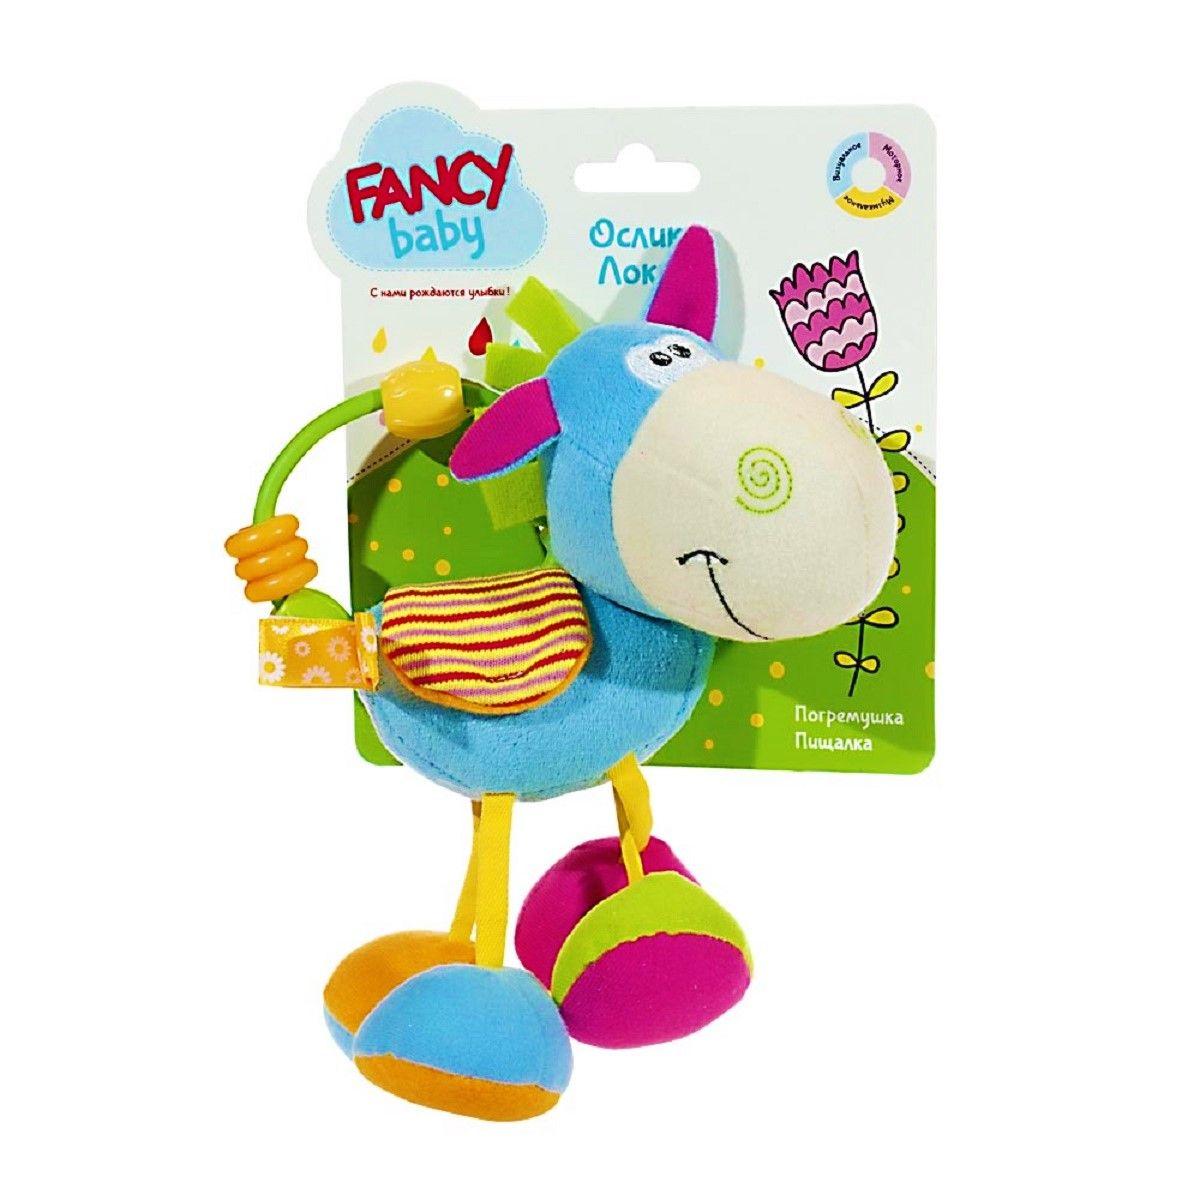 Fancy Развивающая игрушка Ослик Локи